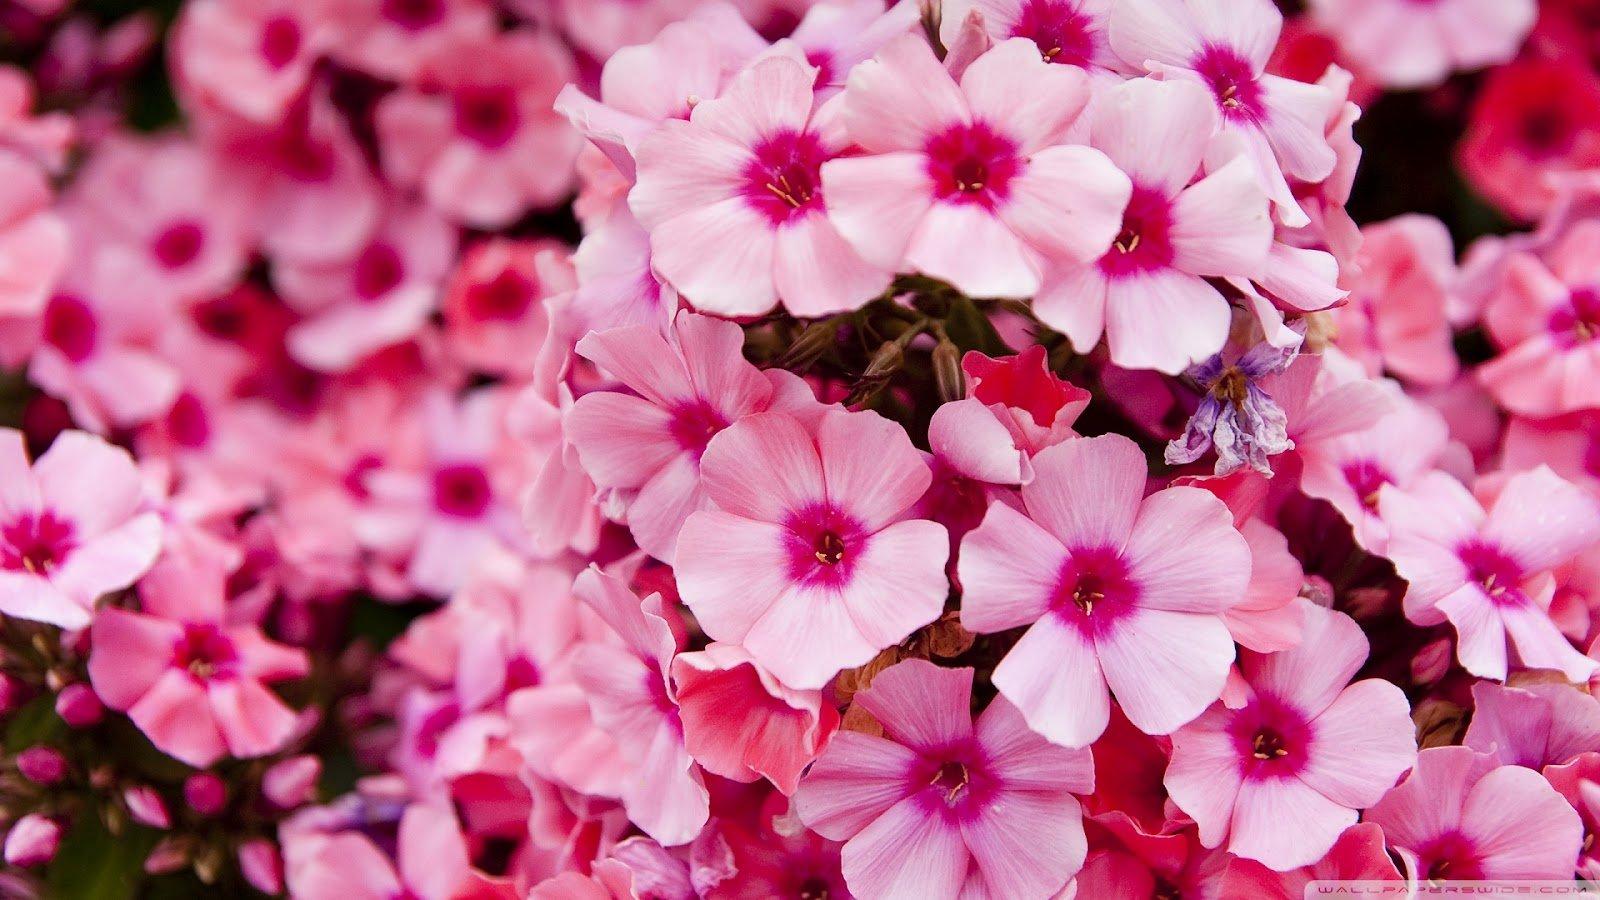 Pink Flower Wallpaper HD 1600x900